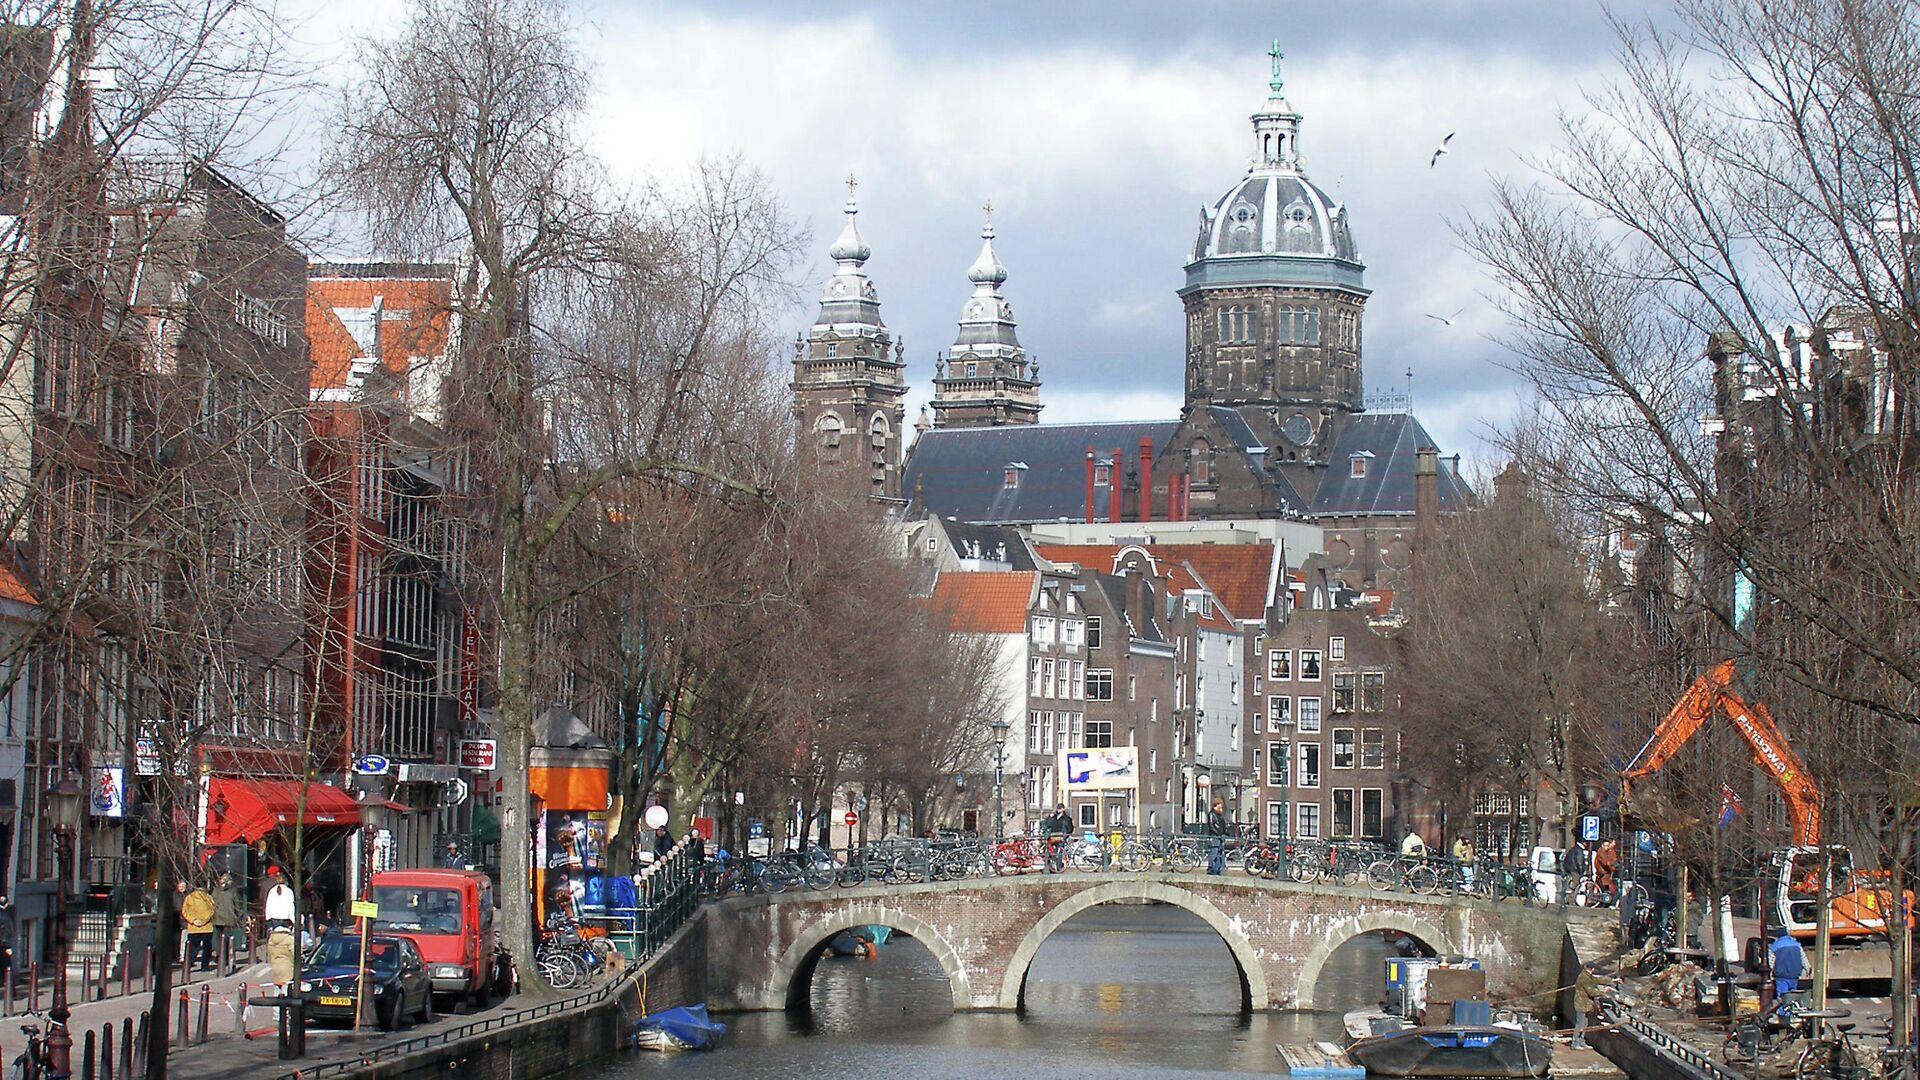 Голландия. Вид на канал в старом центре Амстердама - РИА Новости, 1920, 23.03.2021